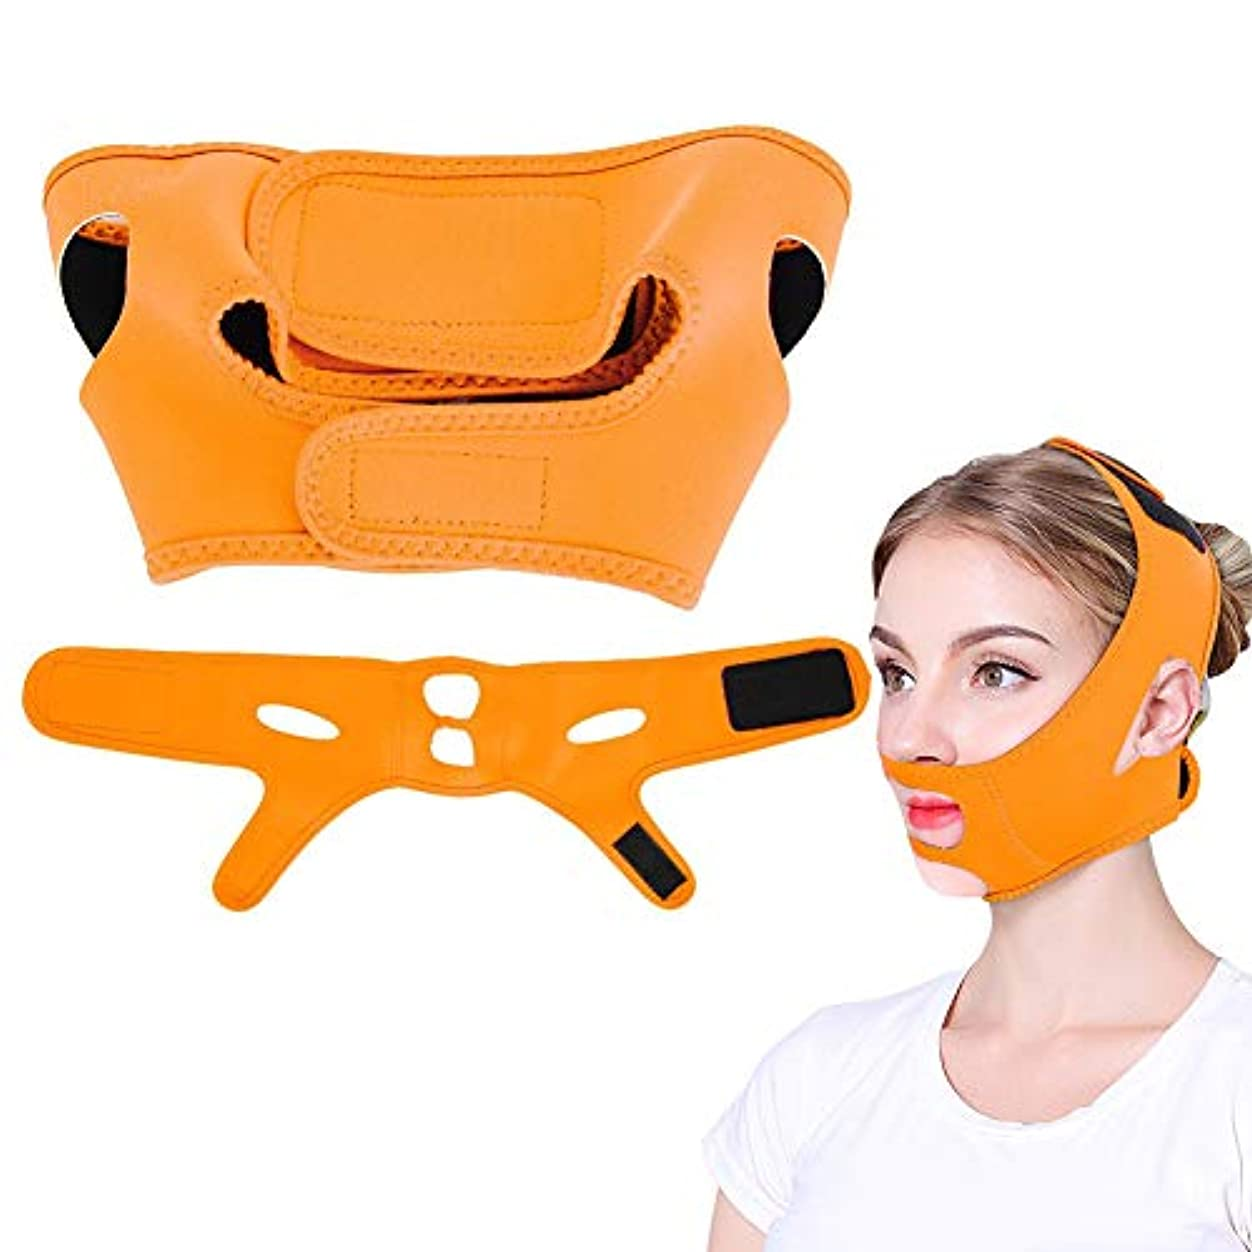 ギャング雨の弾薬フェイススリミング包帯小 顔 美顔 矯正、顎リフト フェイススリミングマスク (オレンジ)